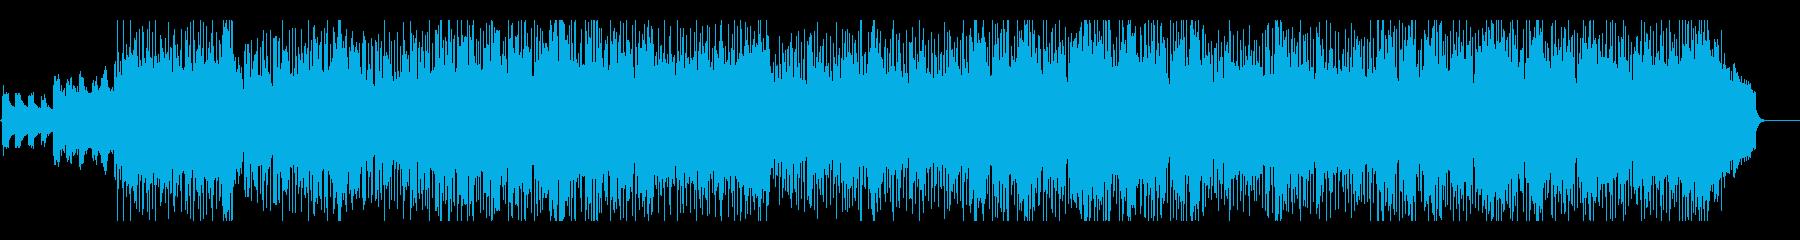 安らぎを感じる日常系リラックスポップの再生済みの波形